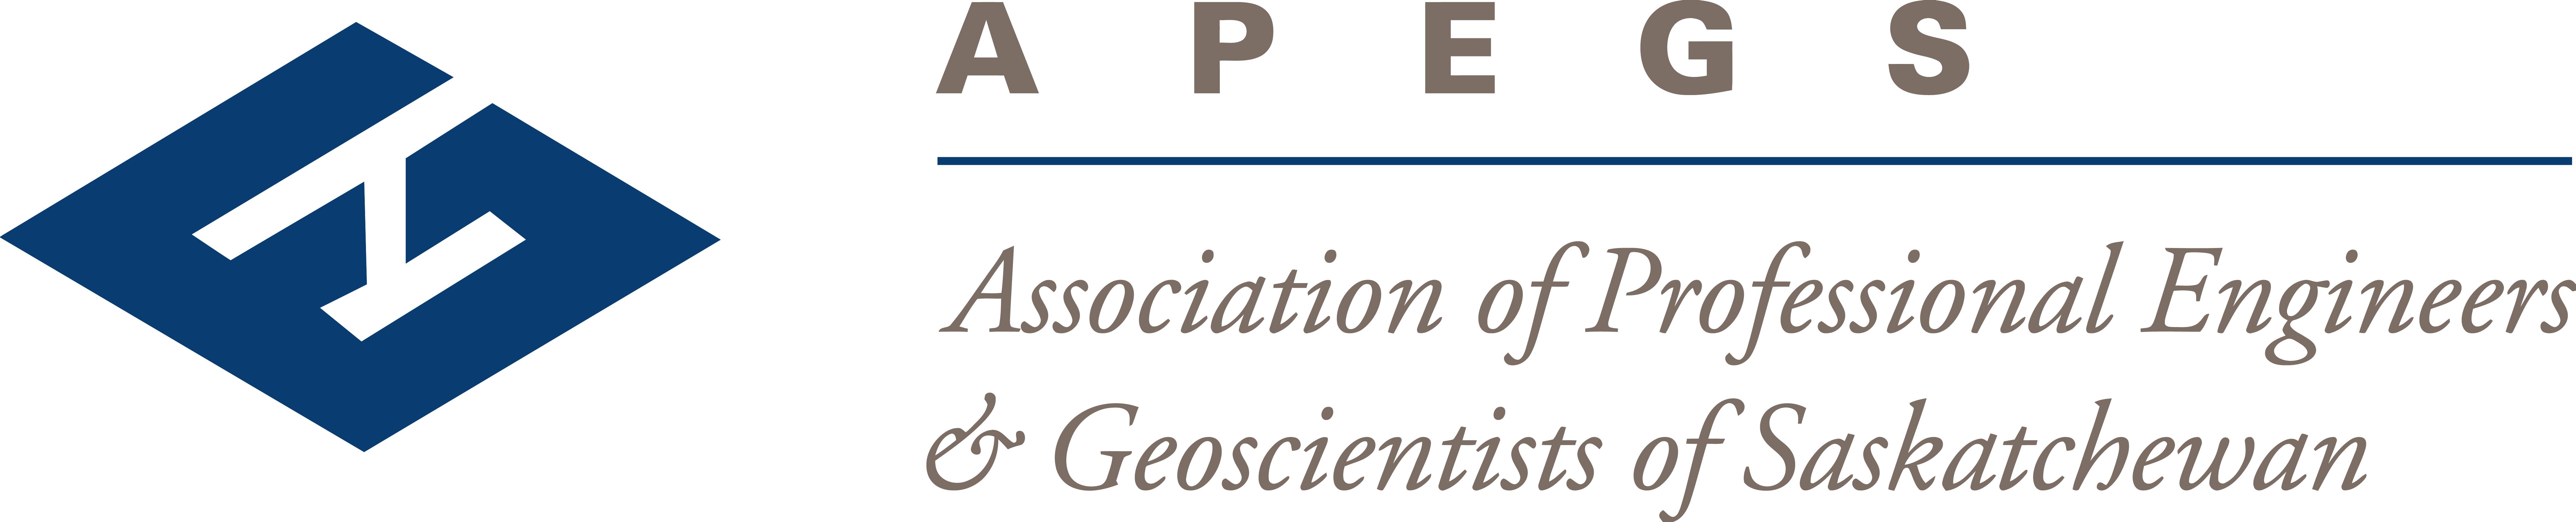 APEGS logo